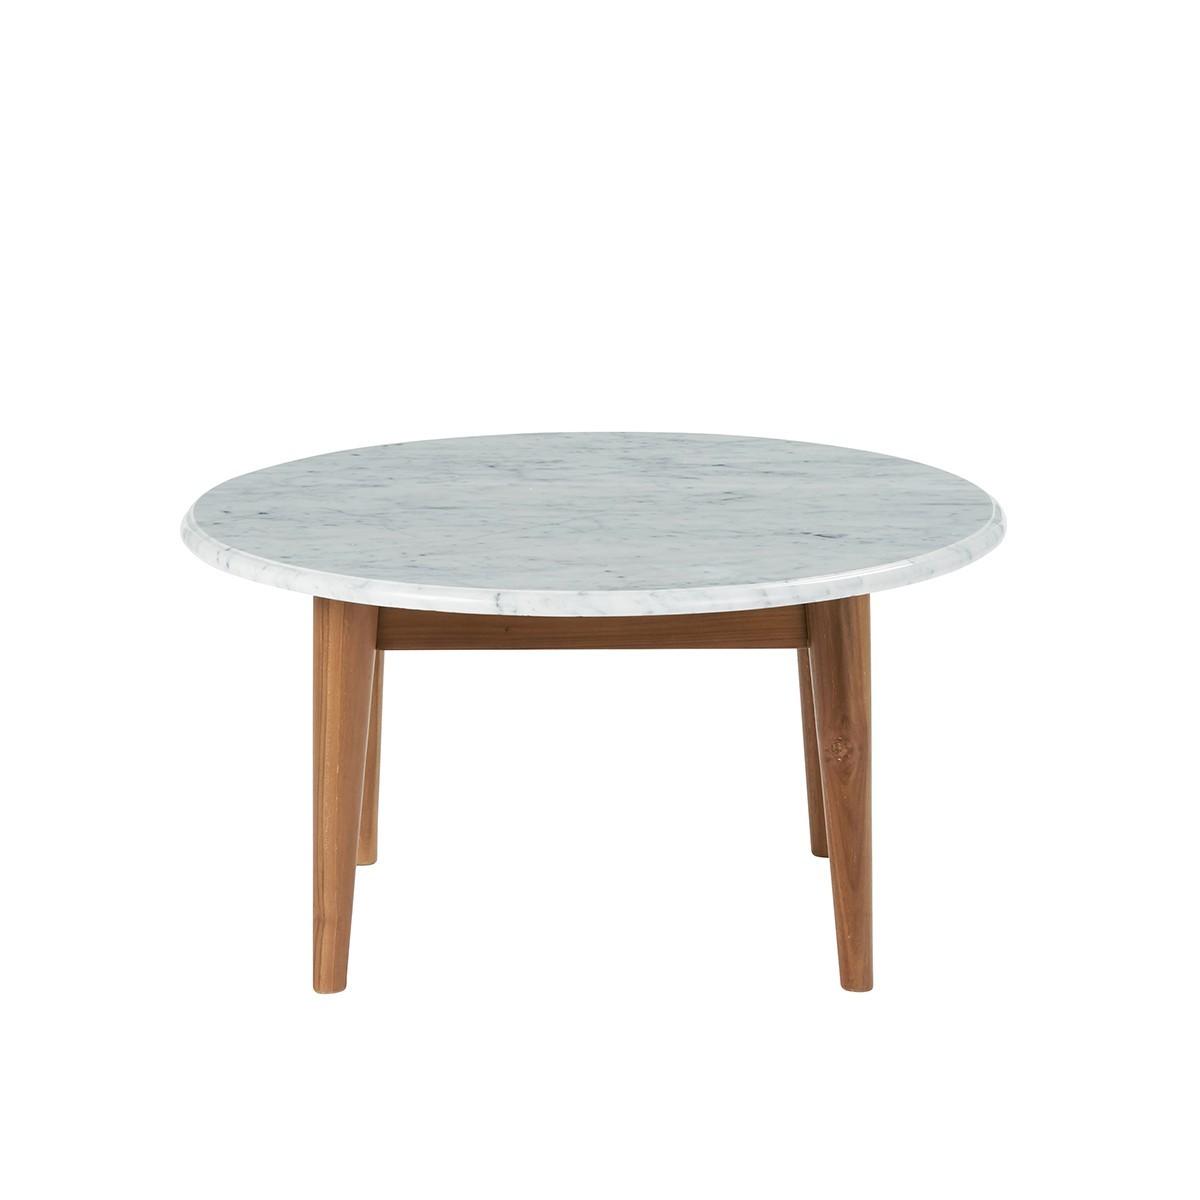 Table basse ronde en marbre et teck blanche